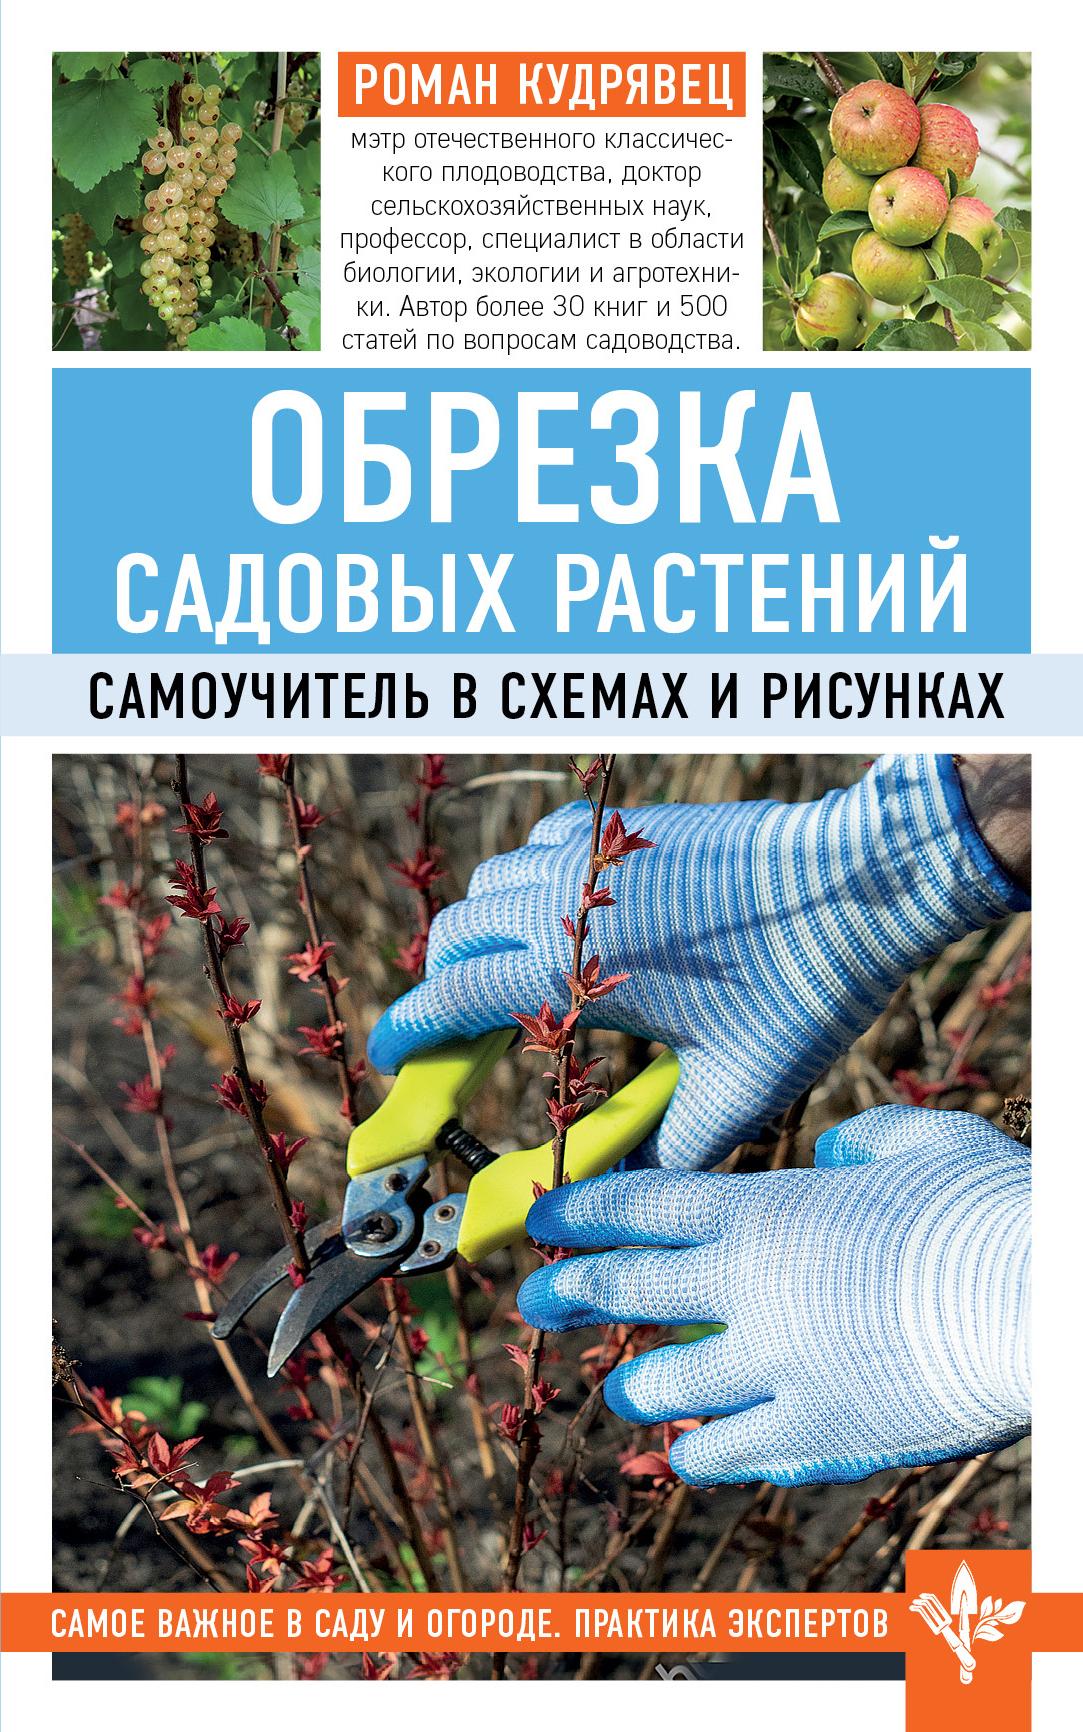 Роман Кудрявец Обрезка садовых растений. Самоучитель в схемах и рисунках